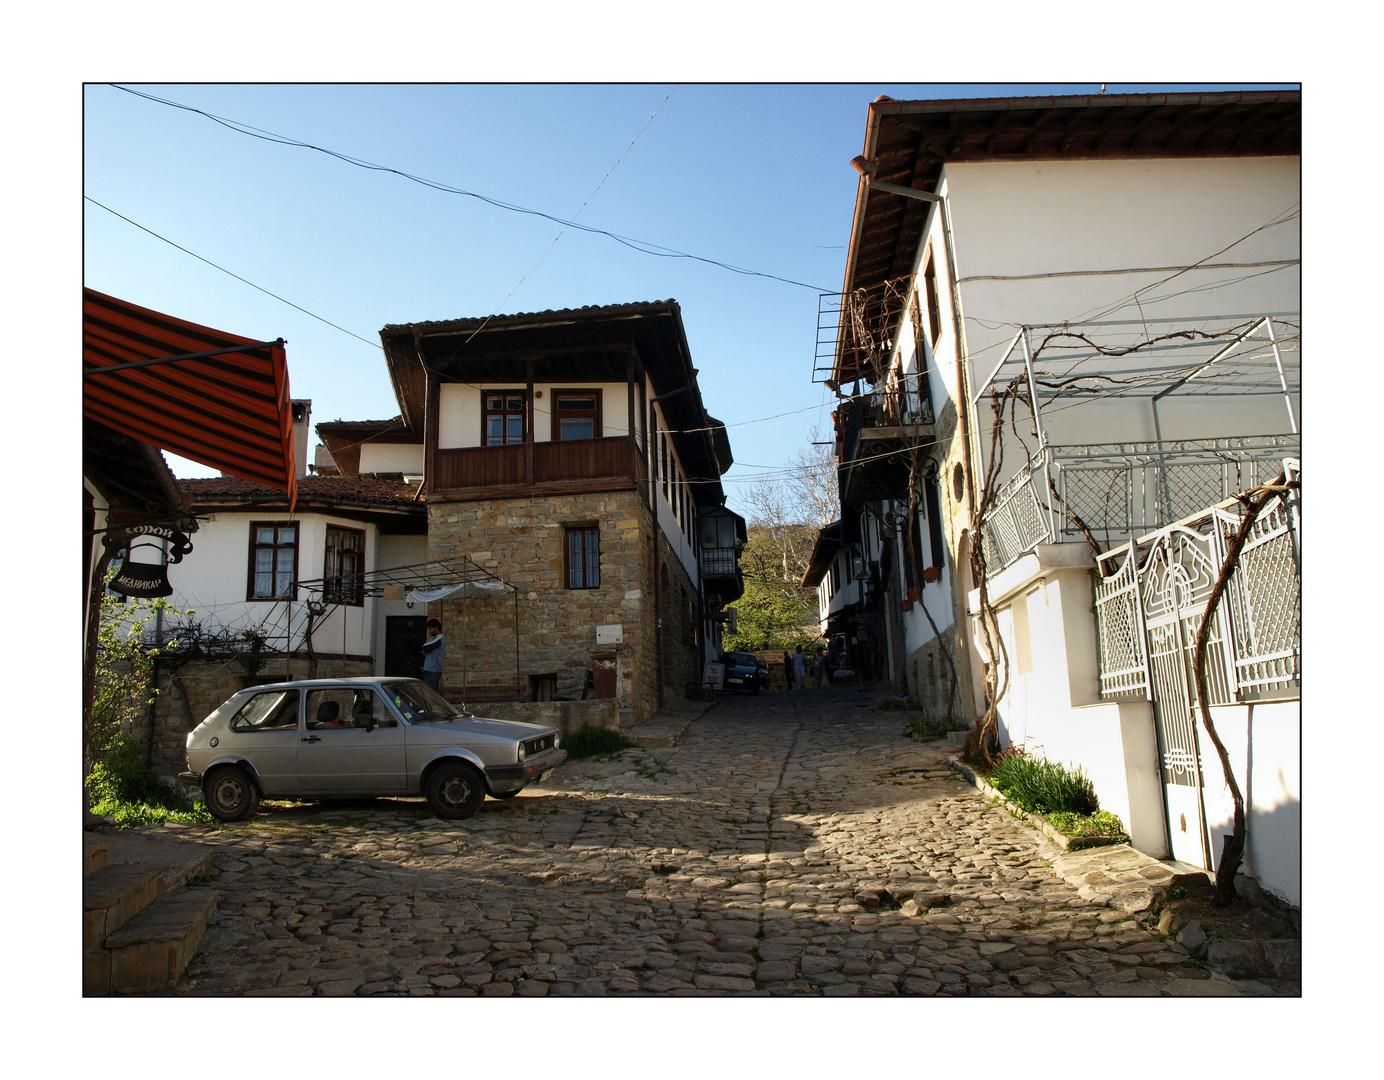 Straße in Veliko Tarnovo